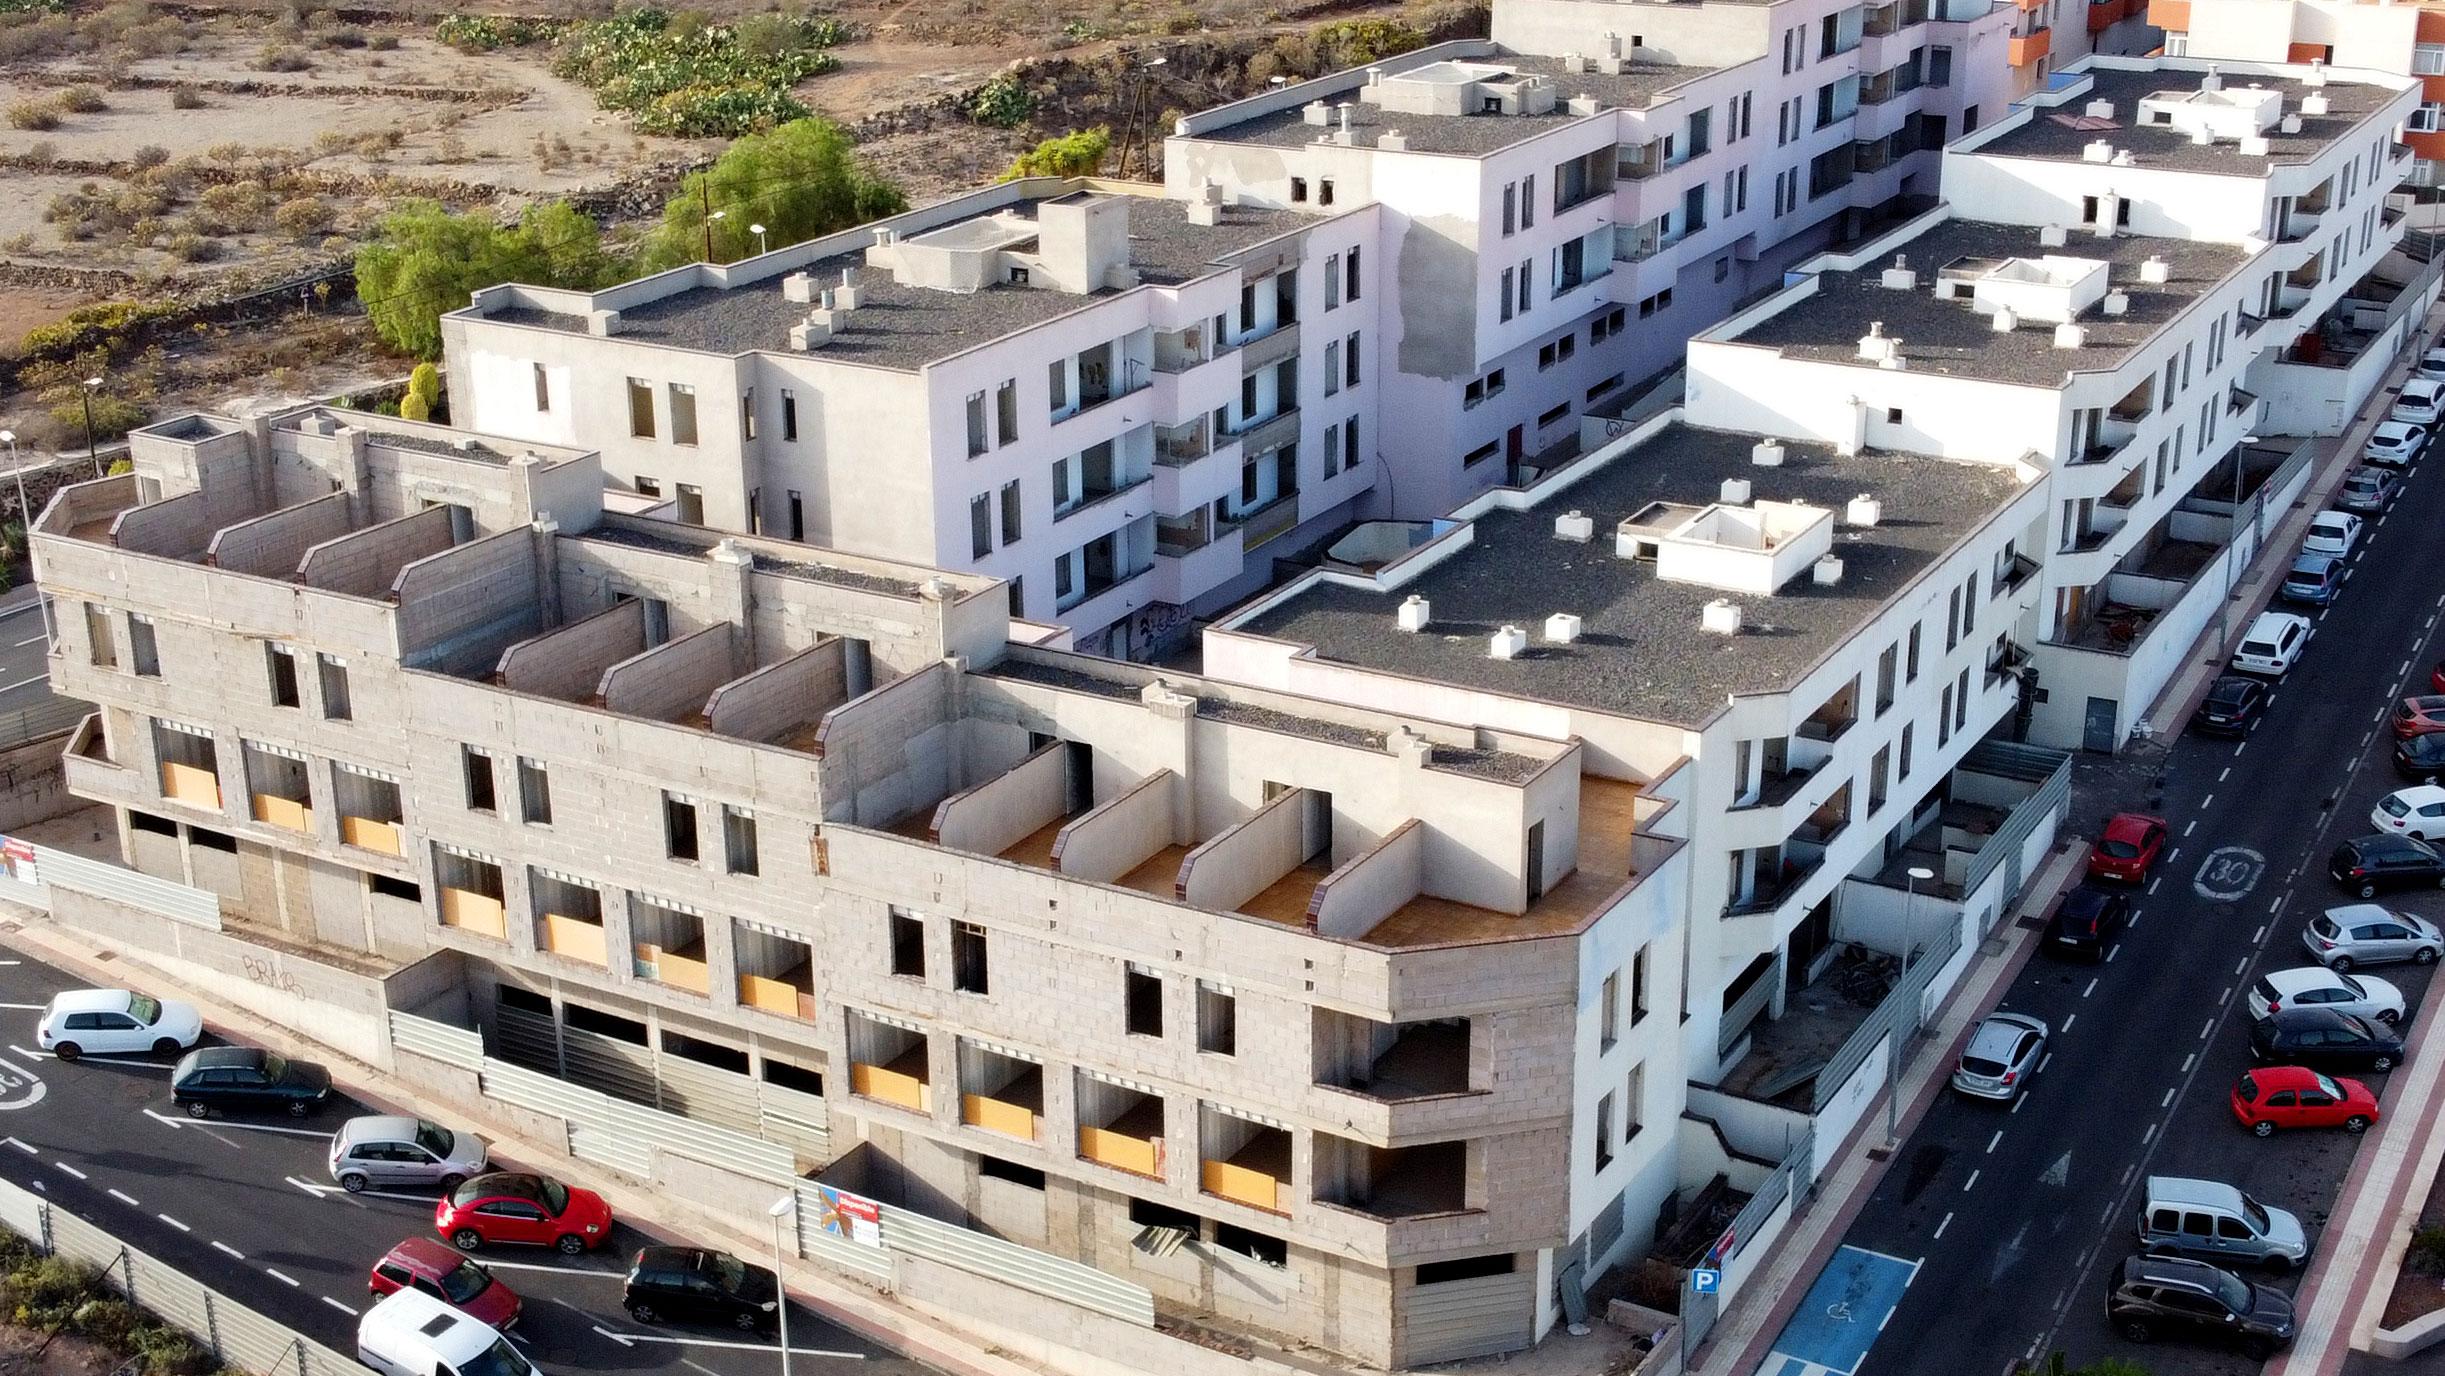 REFORMA Y LEGALIZACIÓN de 72 viviendas, oficinas locales y garajes